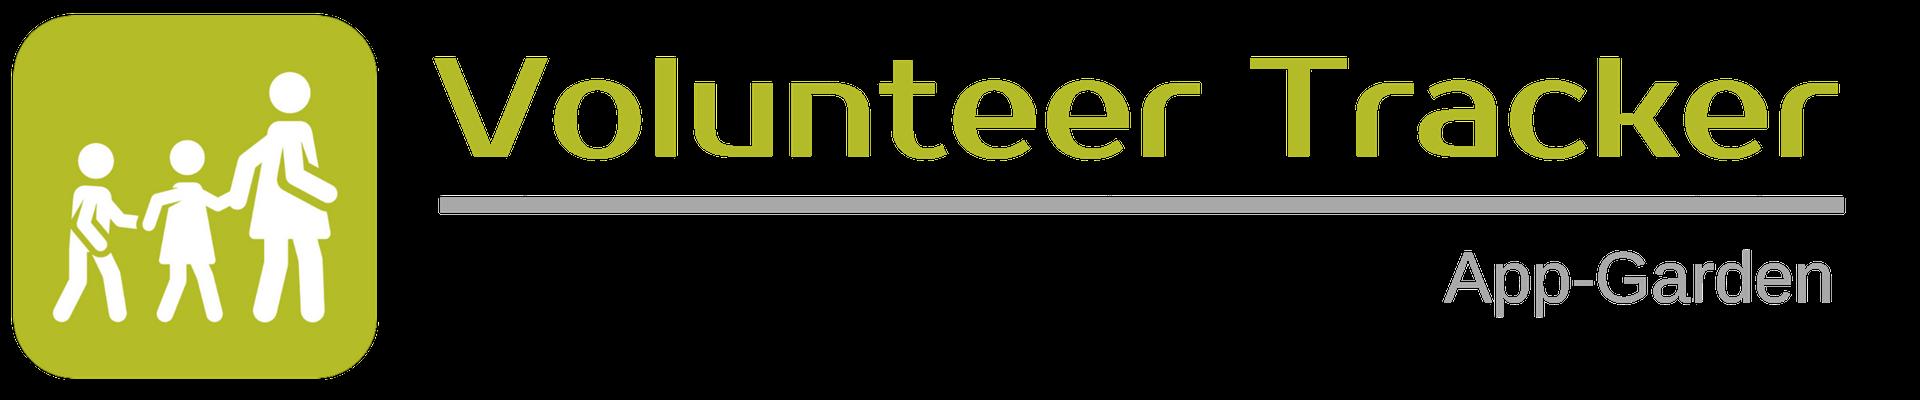 Volunteer-Tracker